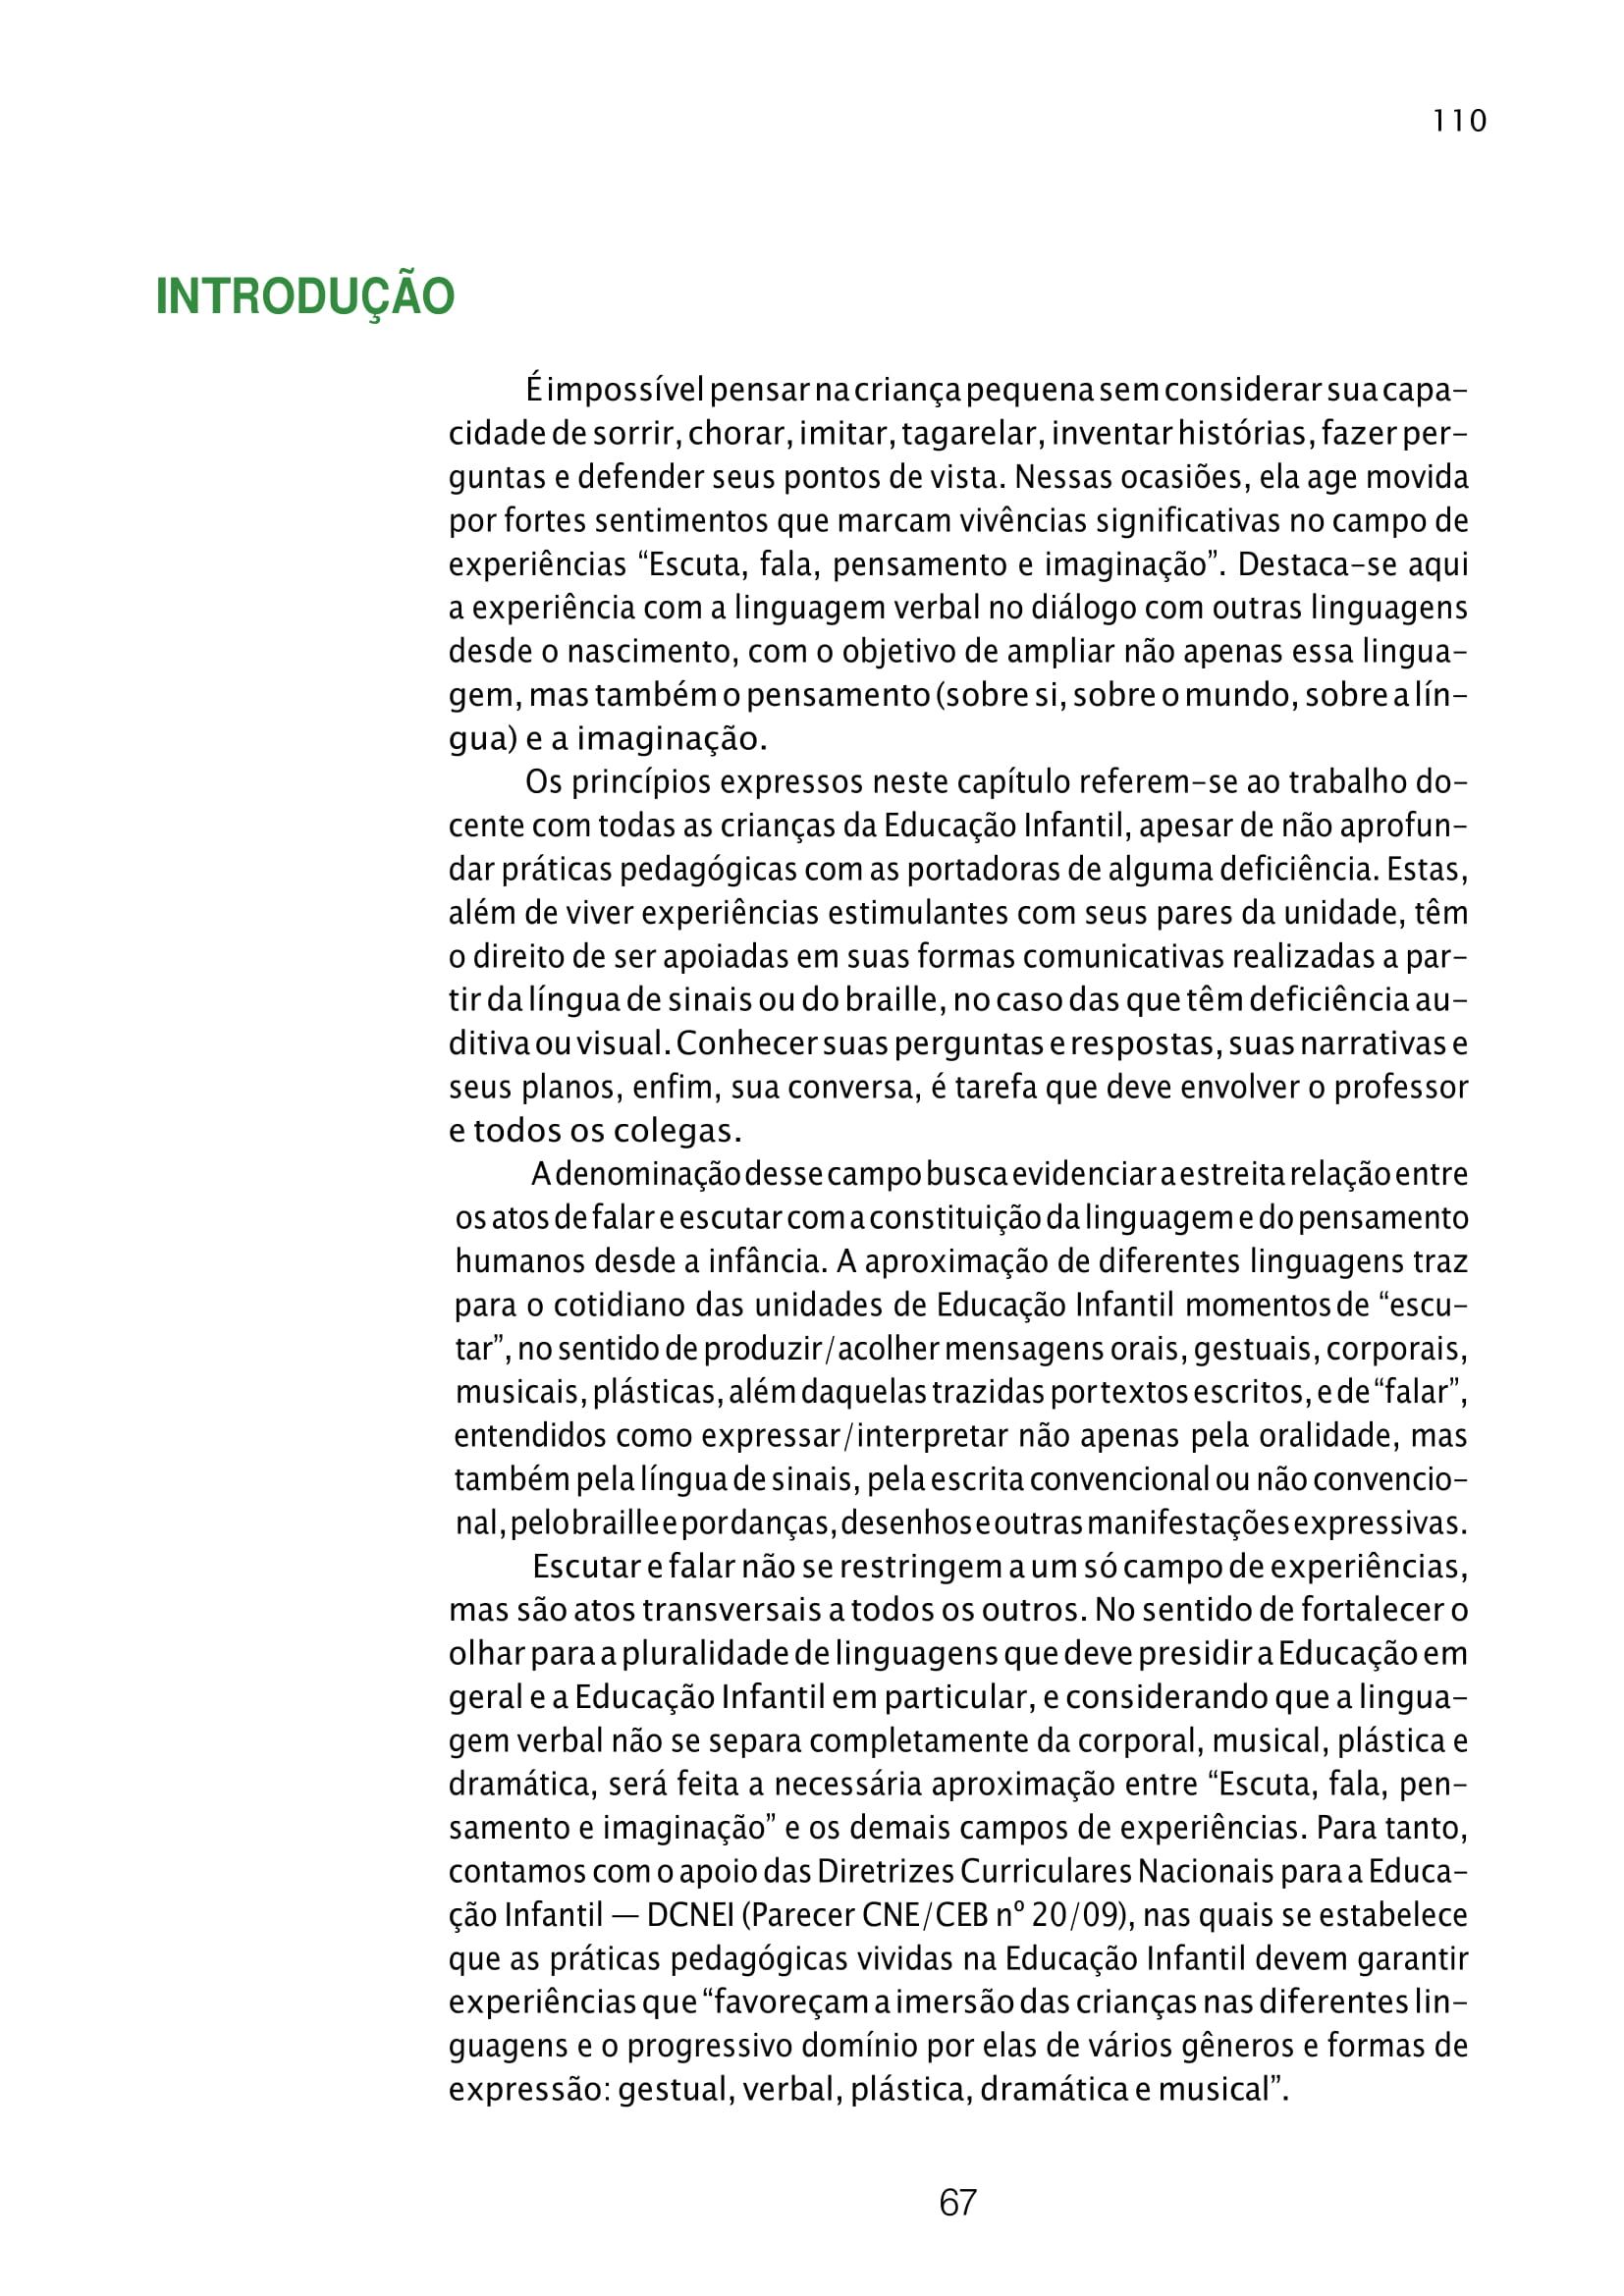 planejamento-educação-infantil-bncc-geral-140